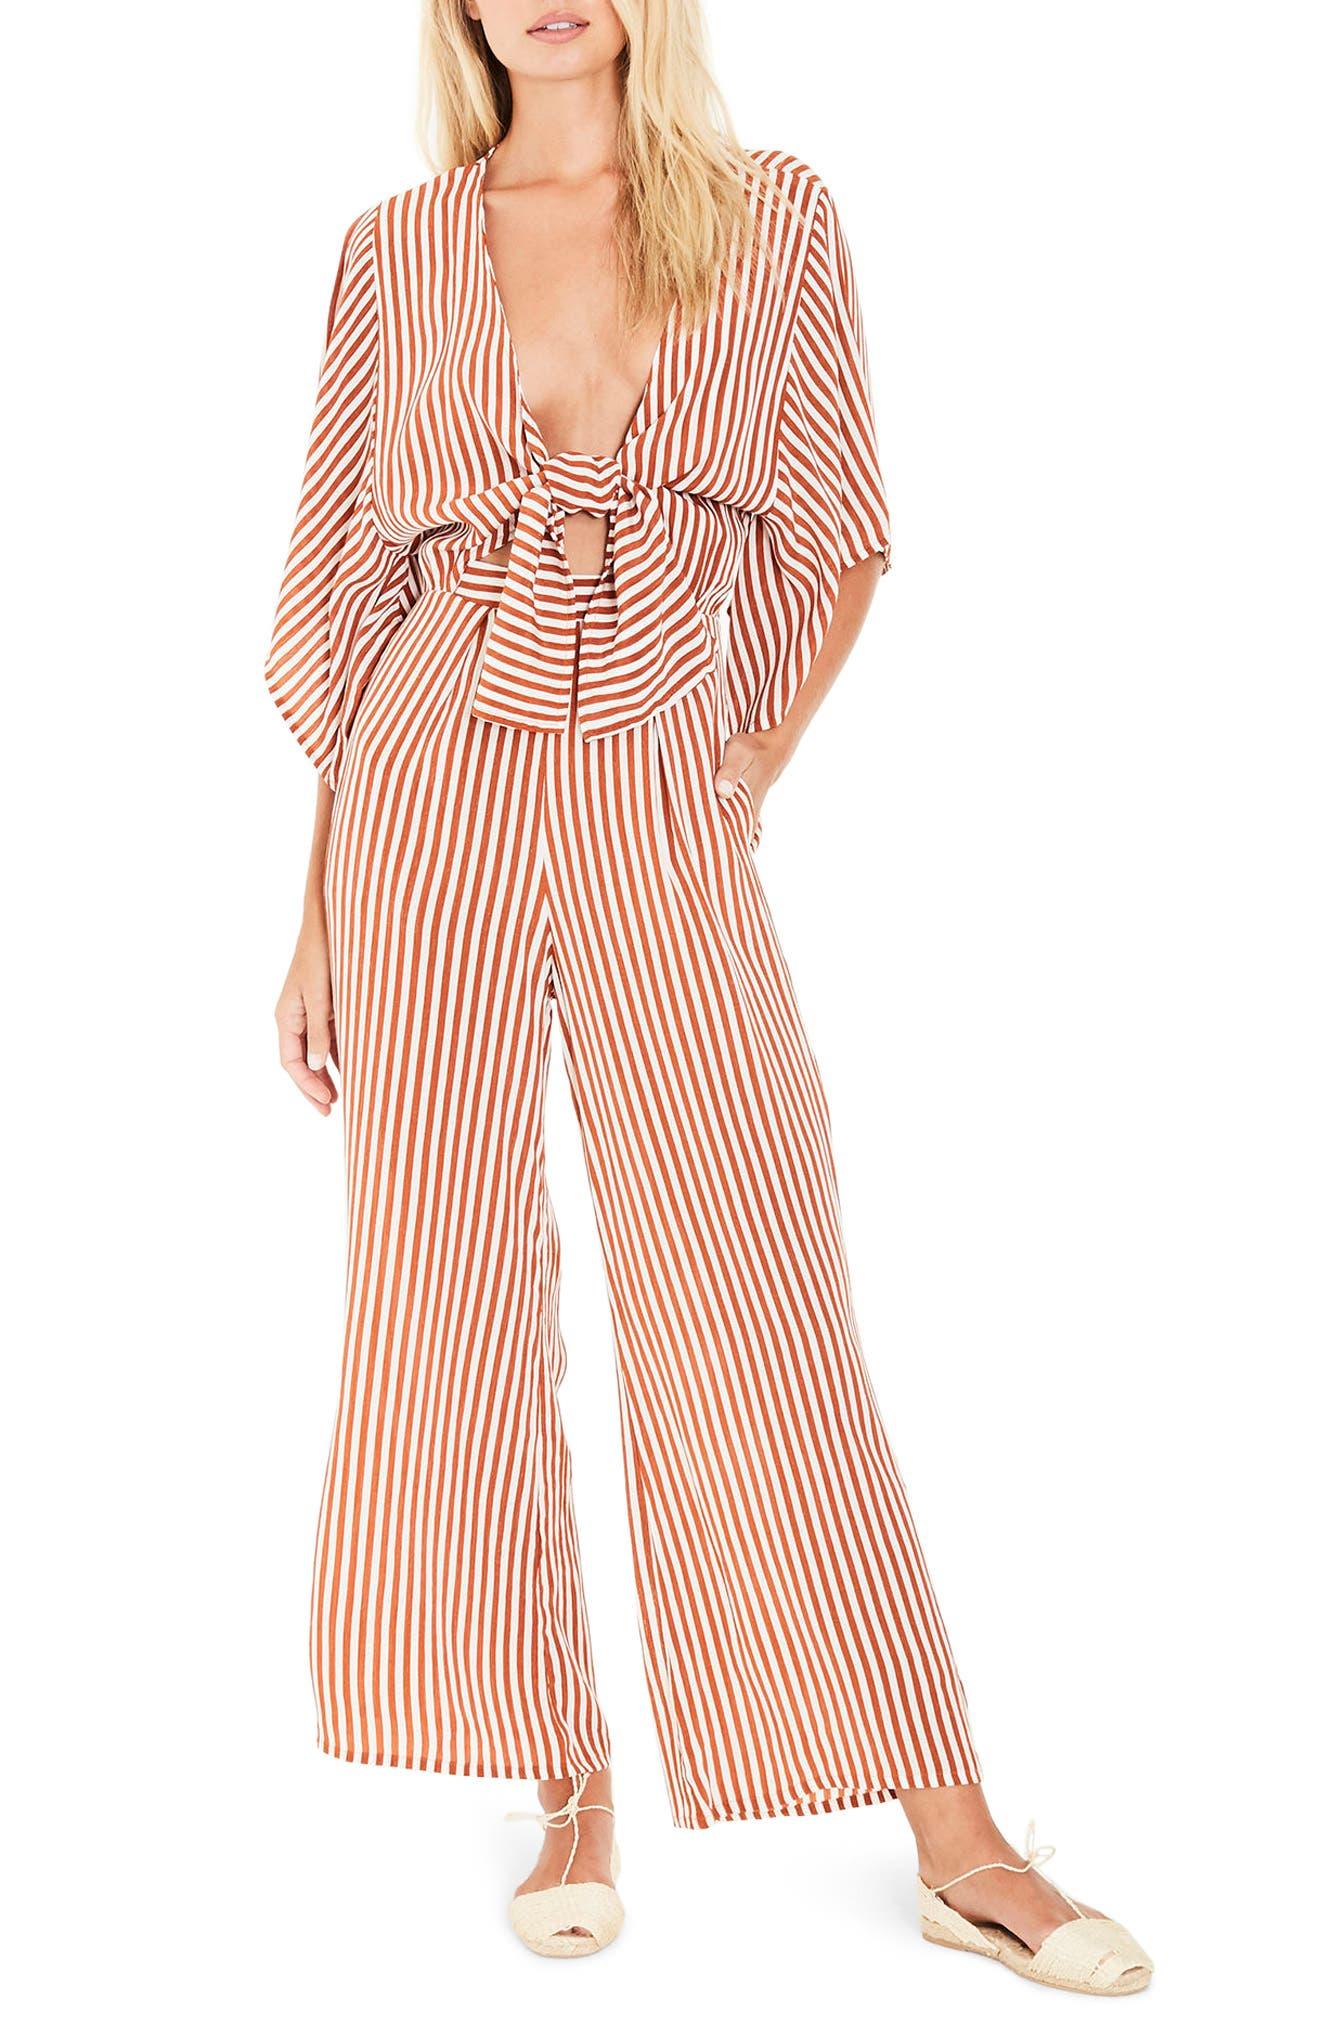 Tilos Stripe Tie Front Jumpsuit,                         Main,                         color, 802